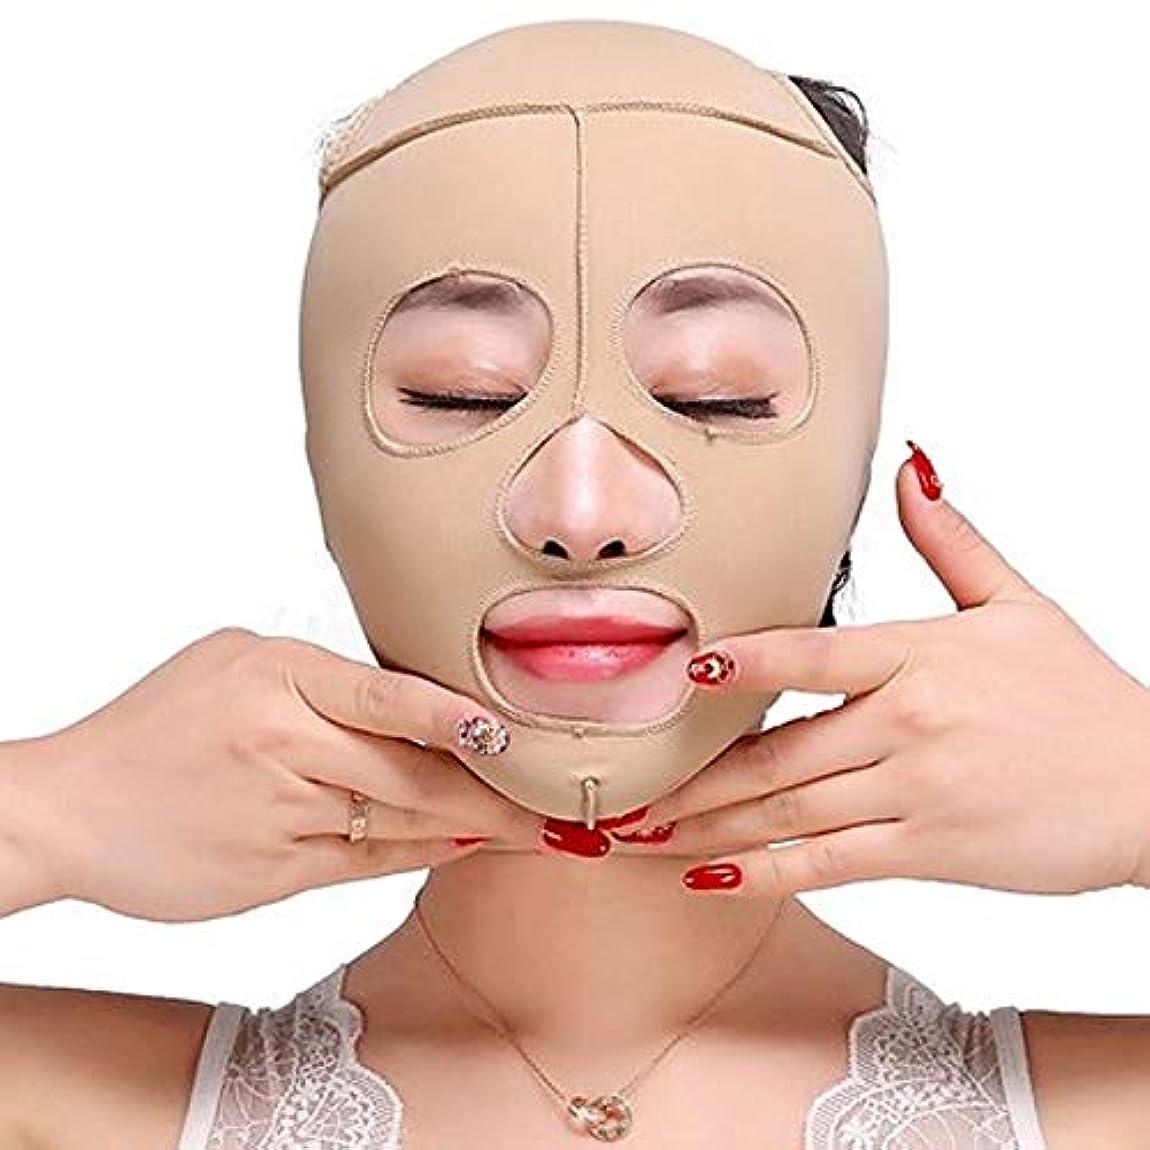 ファンブル習慣手荷物Minmin フェイスリフティングアーティファクト睡眠薄い顔顔の顔薄い顔V顔マスク二重あご薄い顔包帯肌色 みんみんVラインフェイスマスク (Size : S)